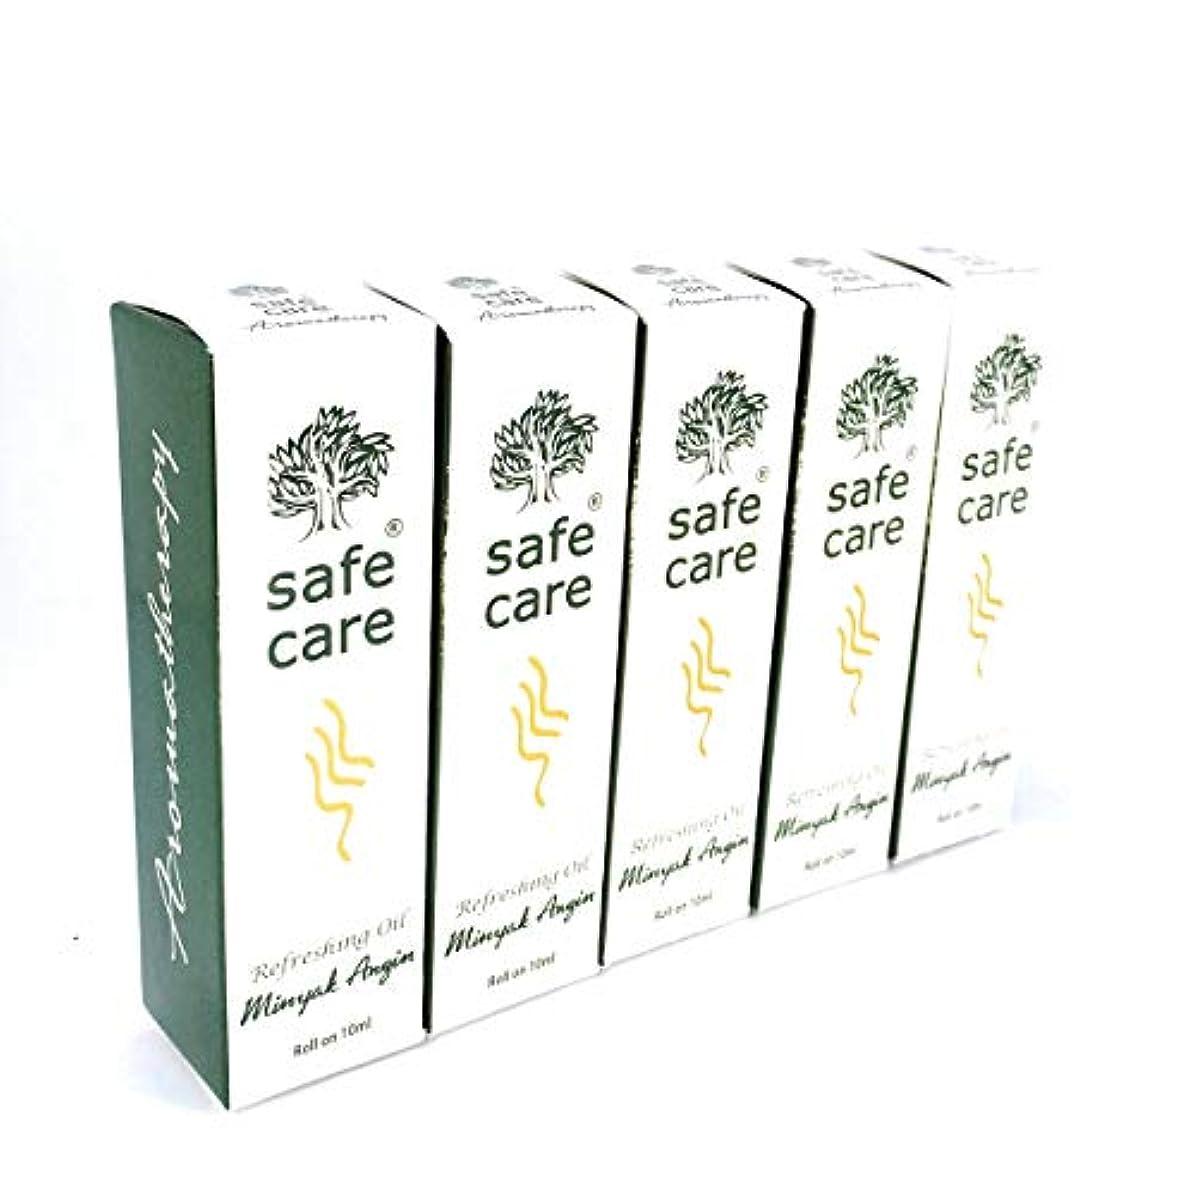 みぞれカップル山積みのSafe Care セイフケア Aromatherapy Refreshing Oil アロマテラピー リフレッシュオイル ロールオン 10ml × 5本セット [並行輸入品][海外直送品]